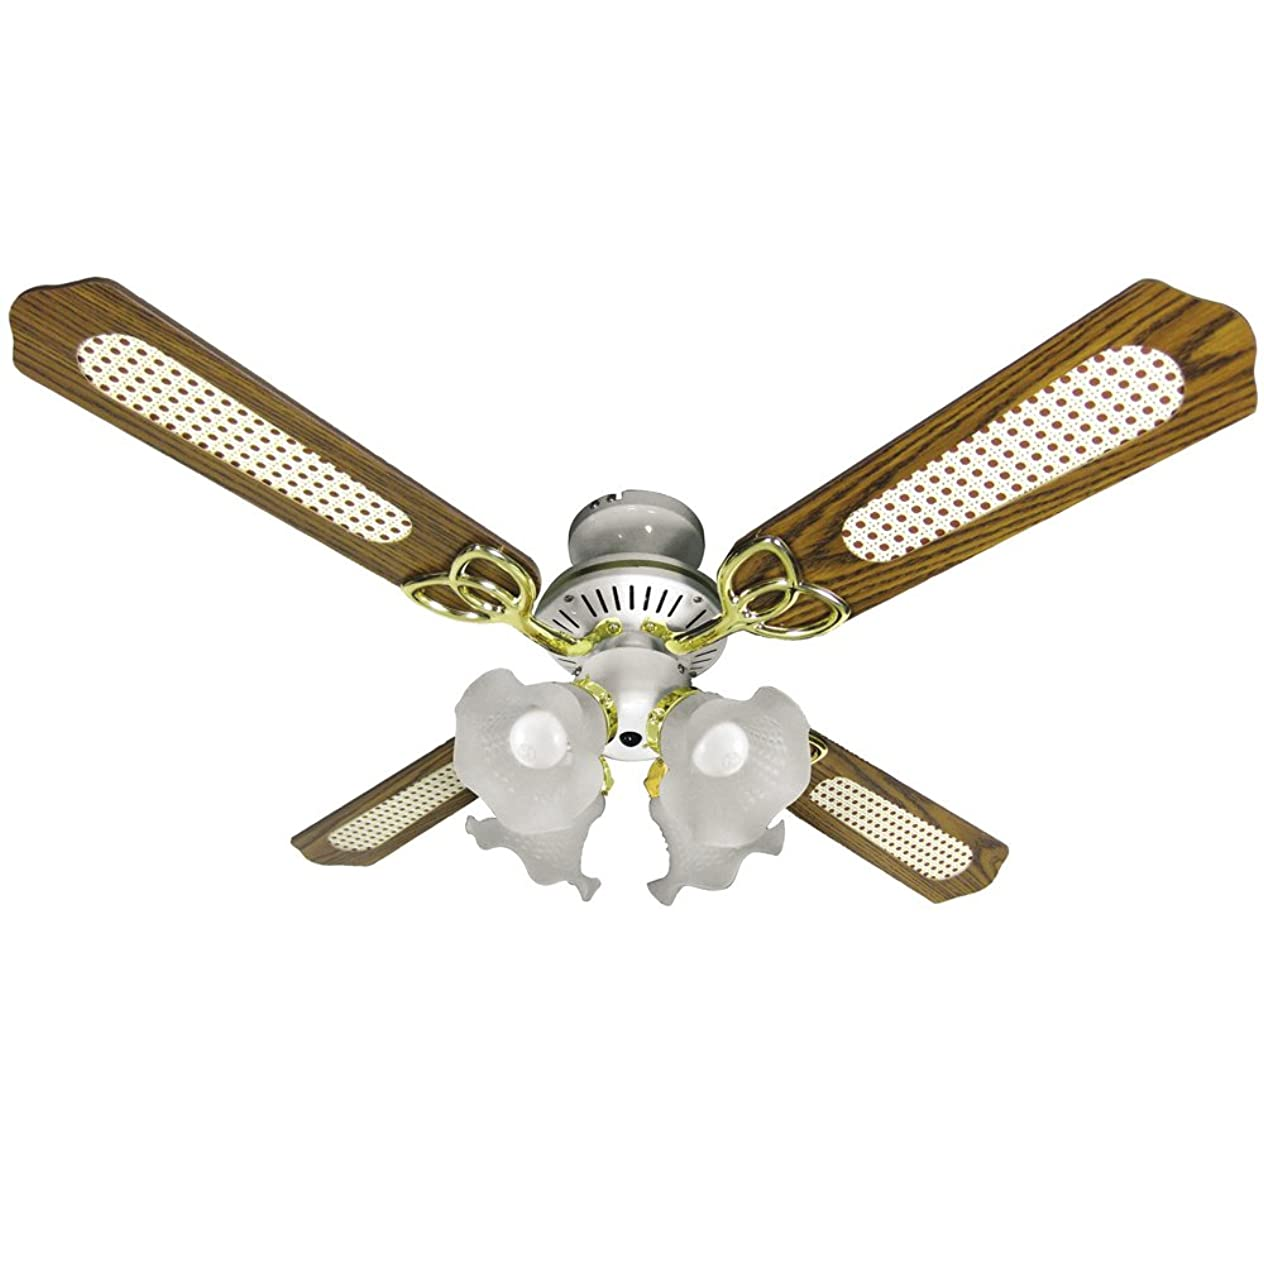 援助普通の無能シーリングファン 冷暖房効果 シーリングファンライト リモコン式 扇風機 照明 4灯 LED対応 省エネ 風量調節 天井照明 天井ファン おしゃれ ブラウン